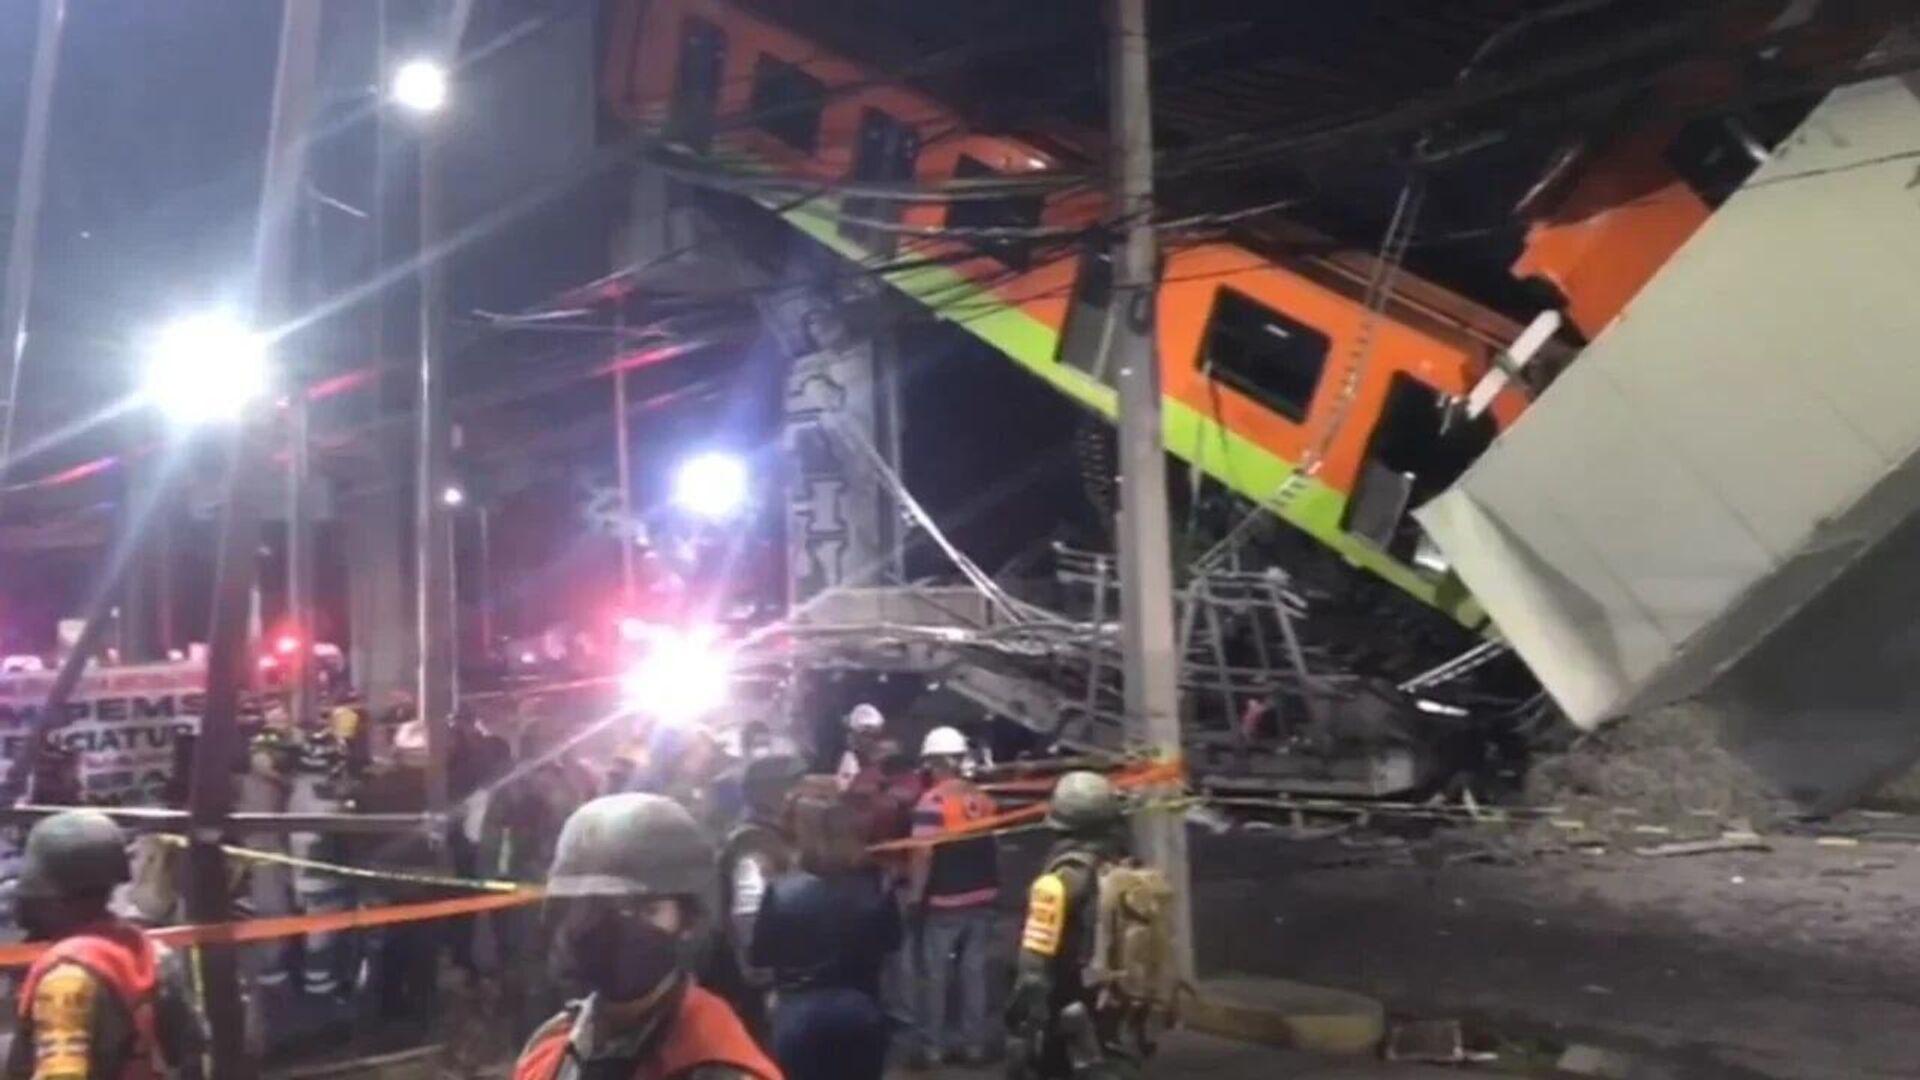 Un dron capta el mortal derrumbe de un puente del metro en México - Sputnik Mundo, 1920, 04.05.2021